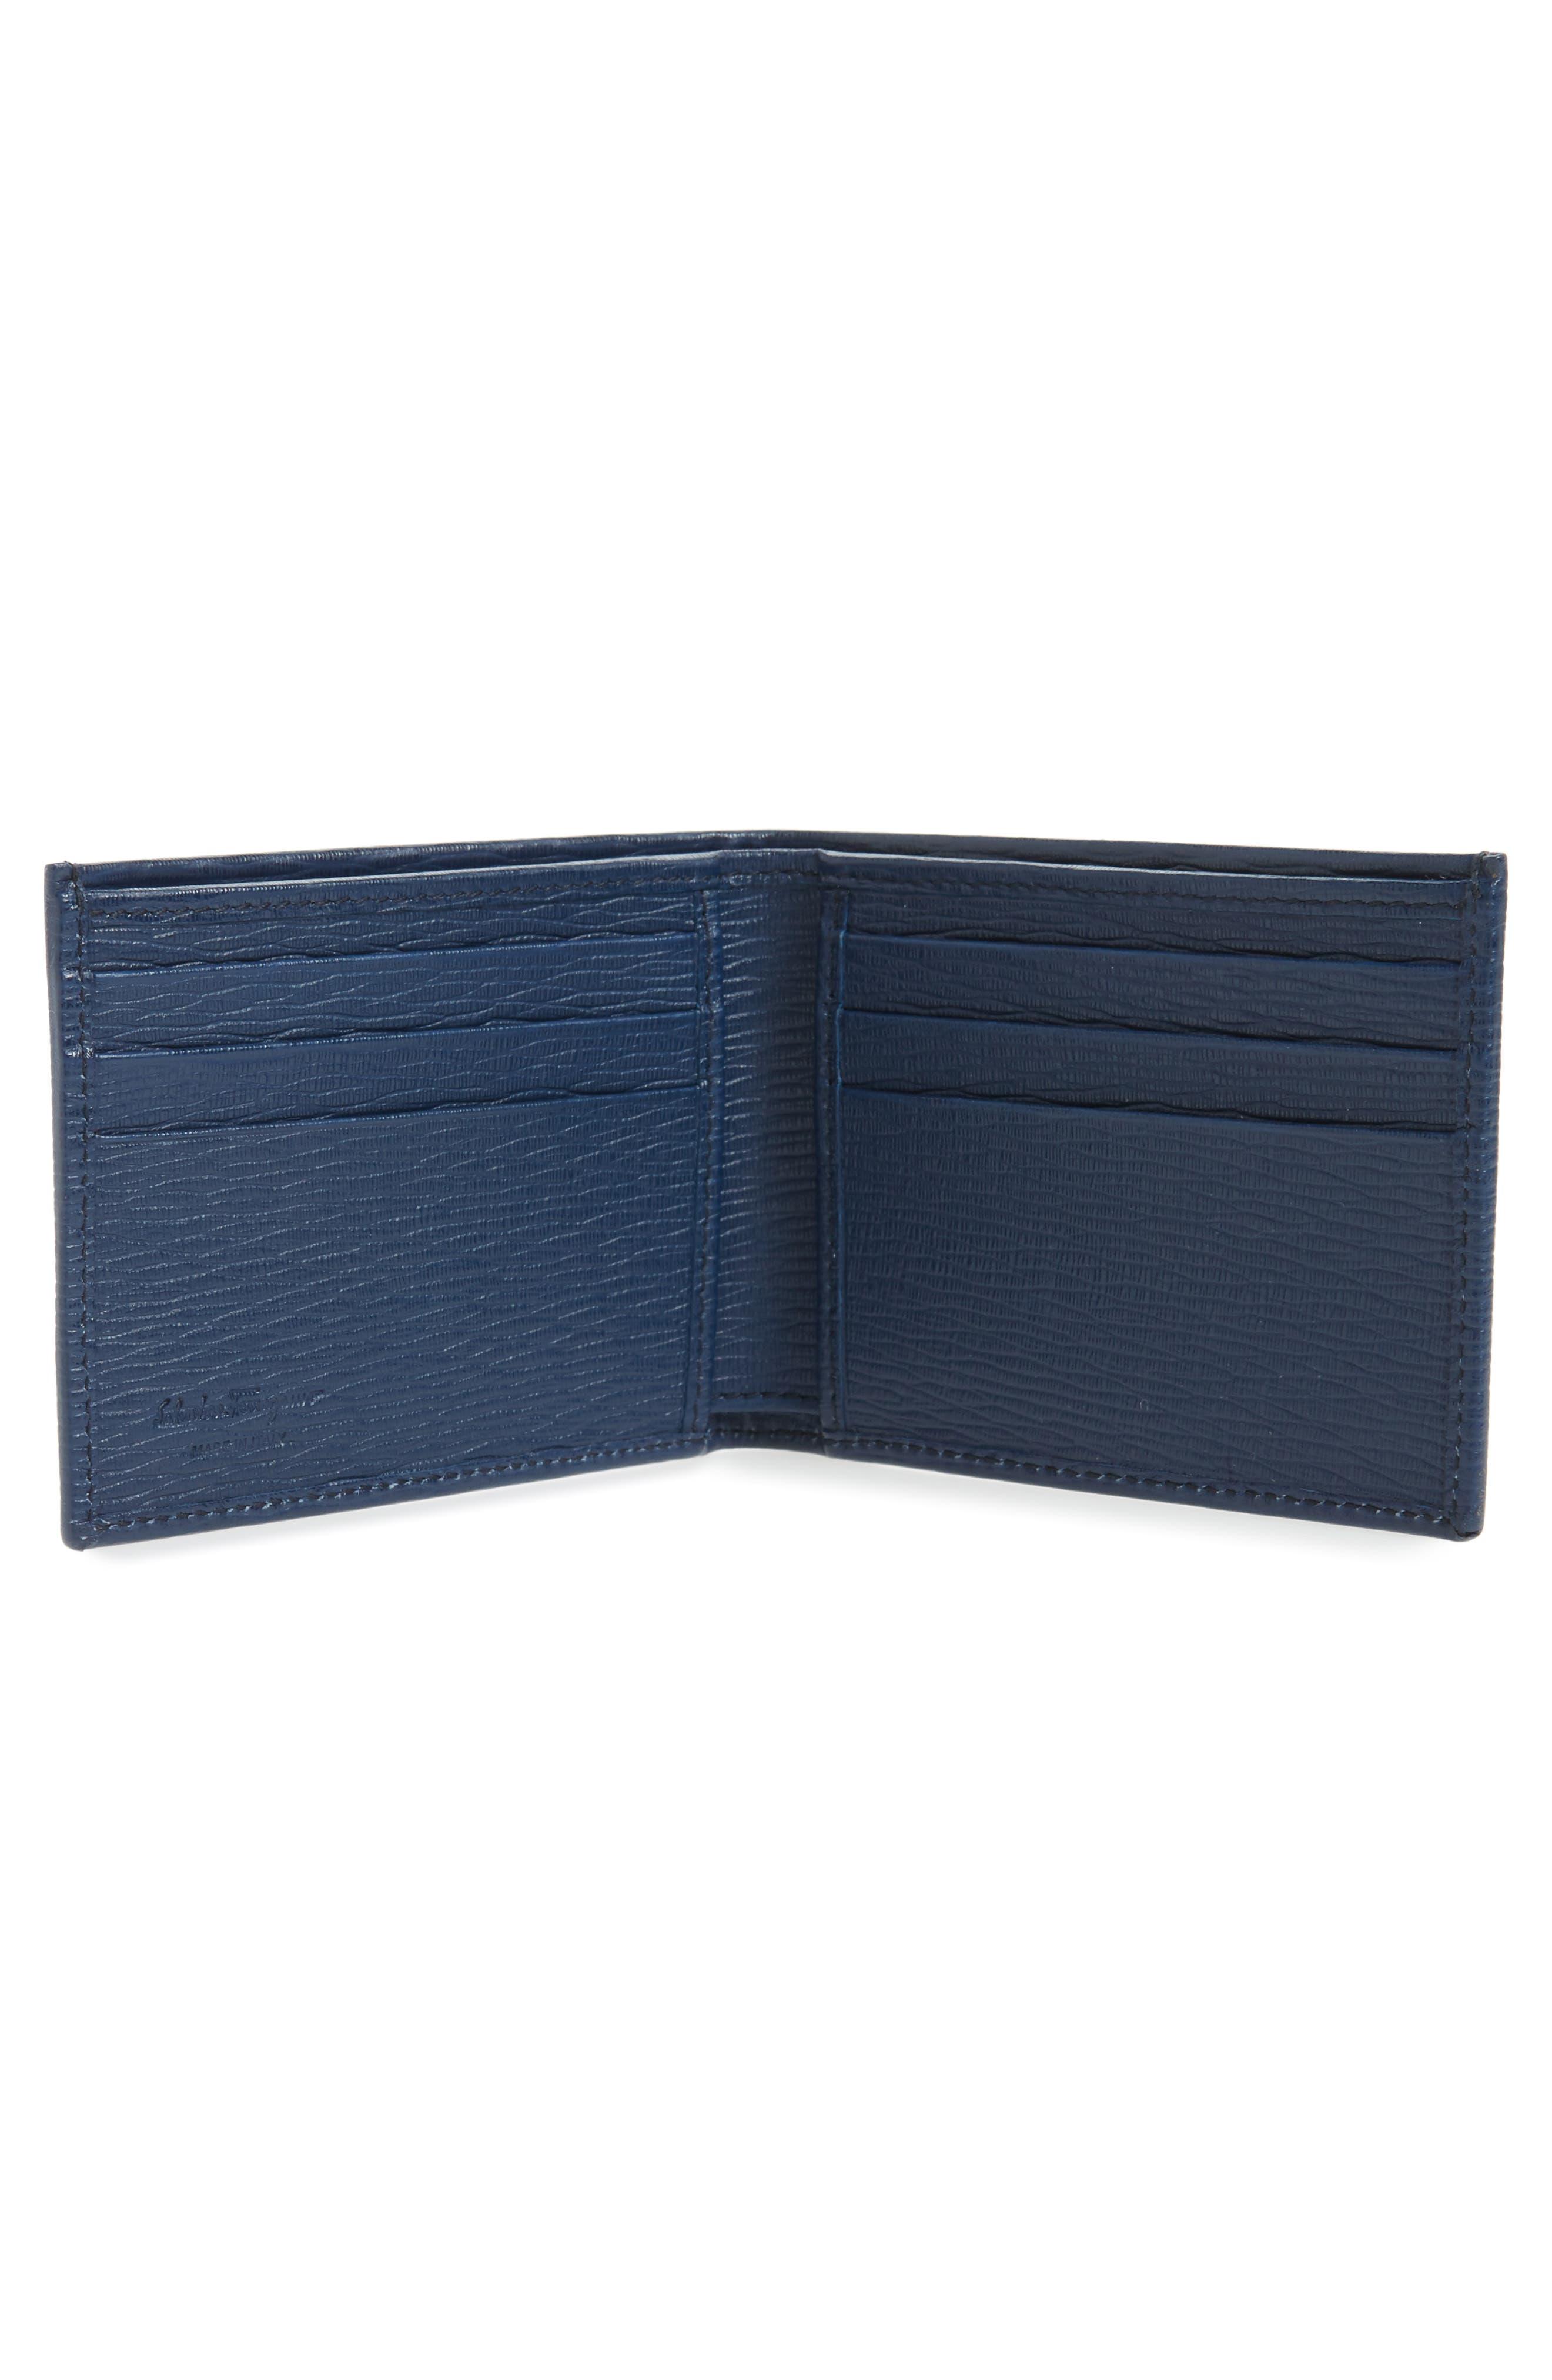 SALVATORE FERRAGAMO, Revival Bifold Leather Wallet, Alternate thumbnail 2, color, BLUE